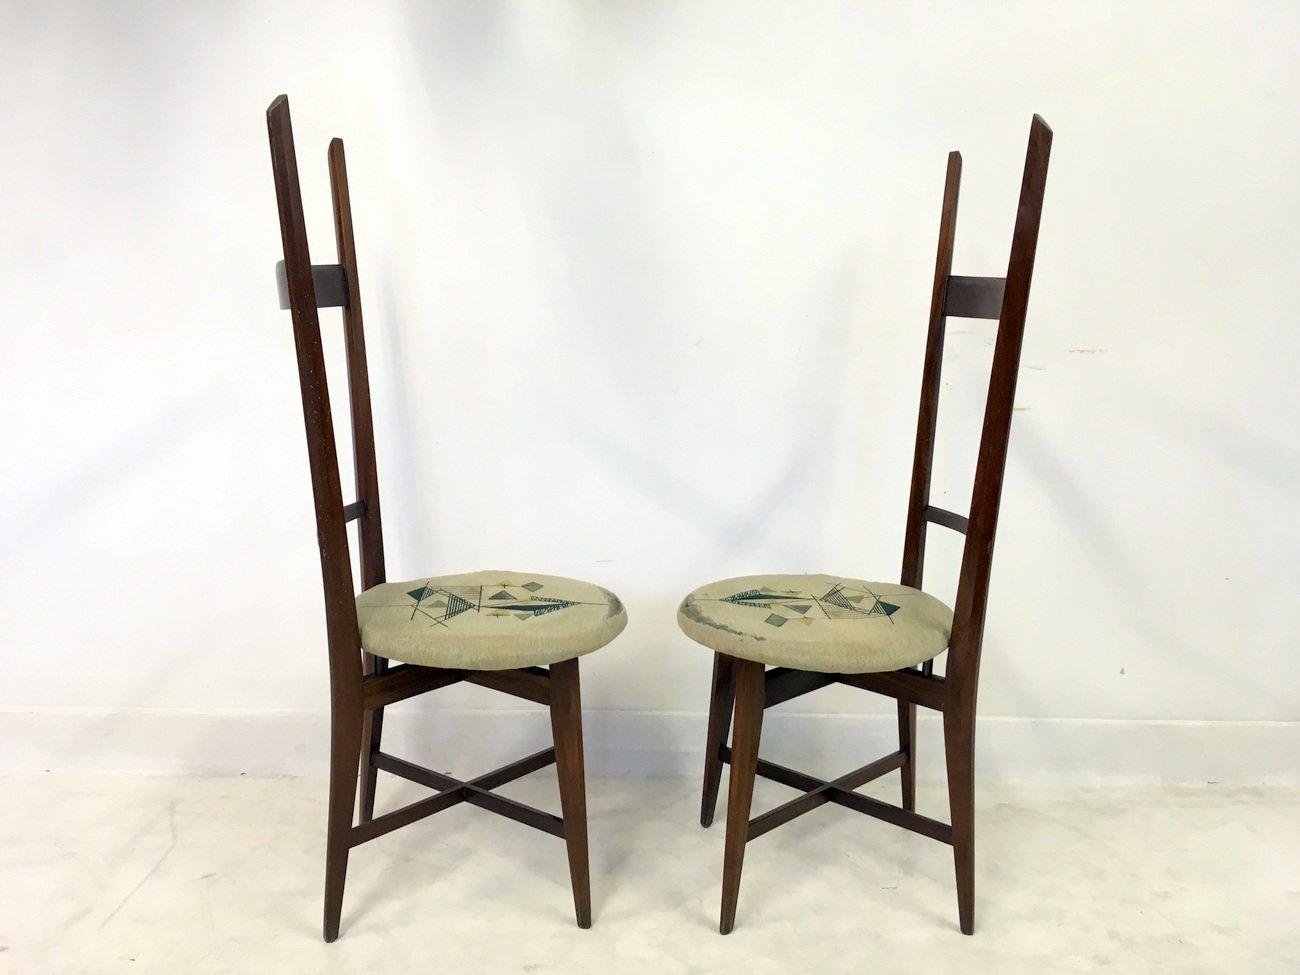 italienische vintage teak st hle spiegel set bei pamono kaufen. Black Bedroom Furniture Sets. Home Design Ideas